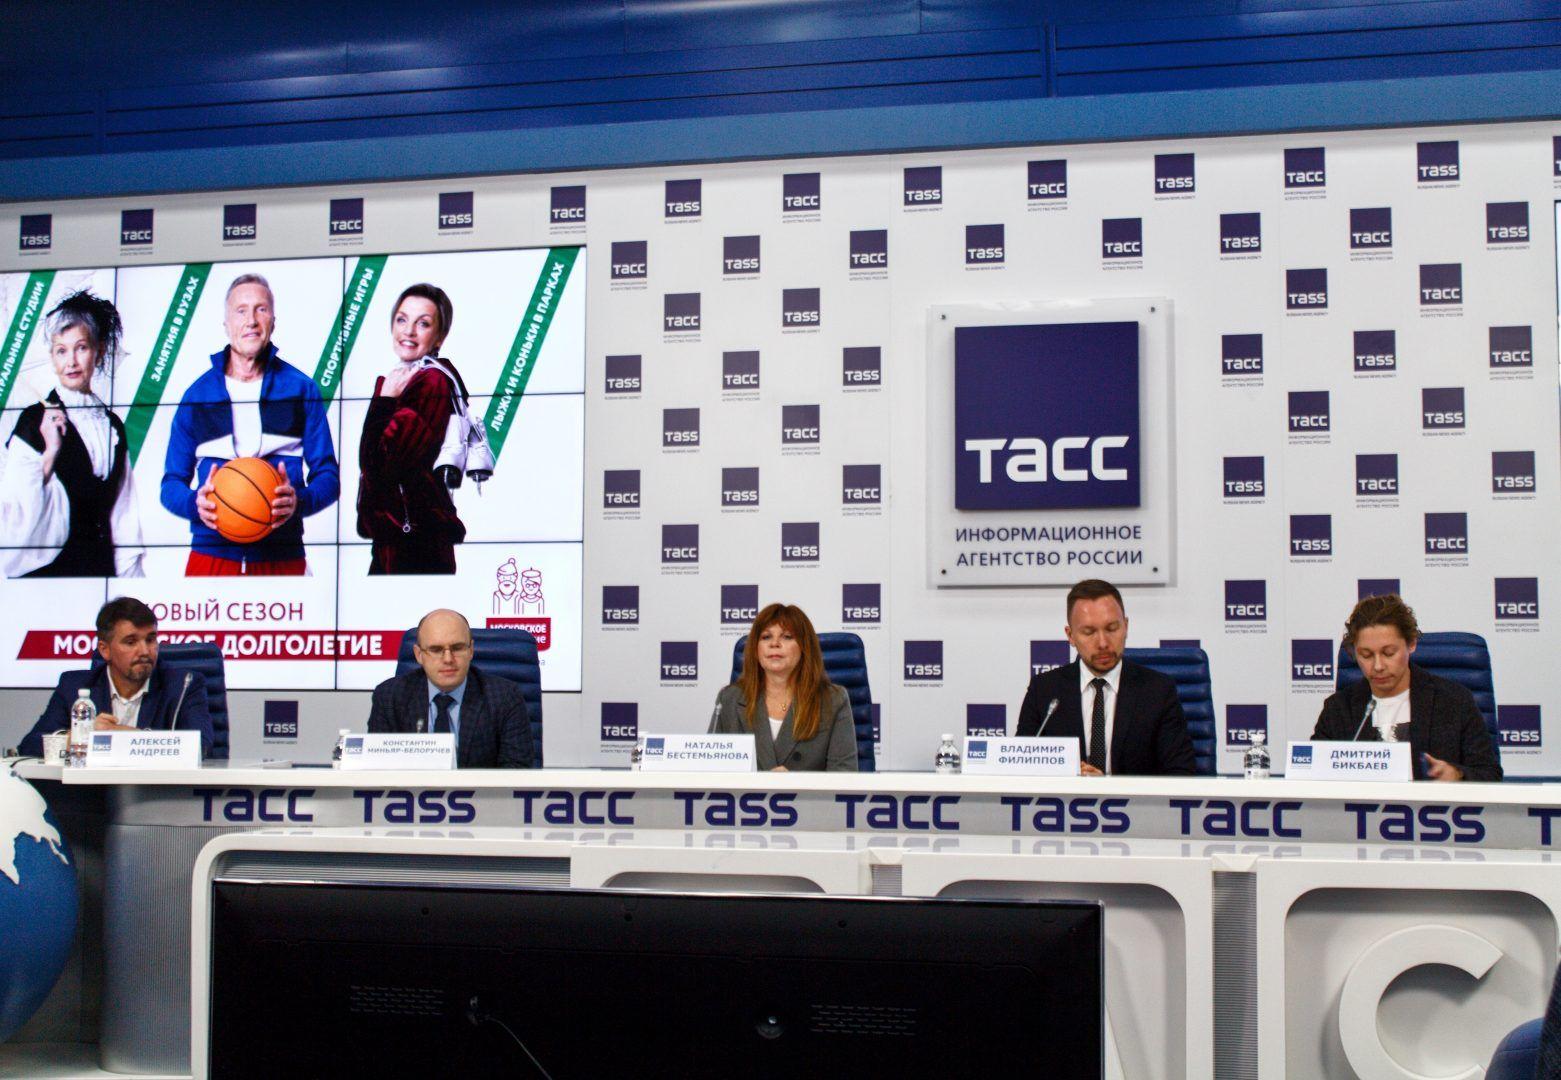 Пресс-конференция «Московское долголетие» состоялась в информационном агентстве «ТАСС». Фото: Елена Наумова